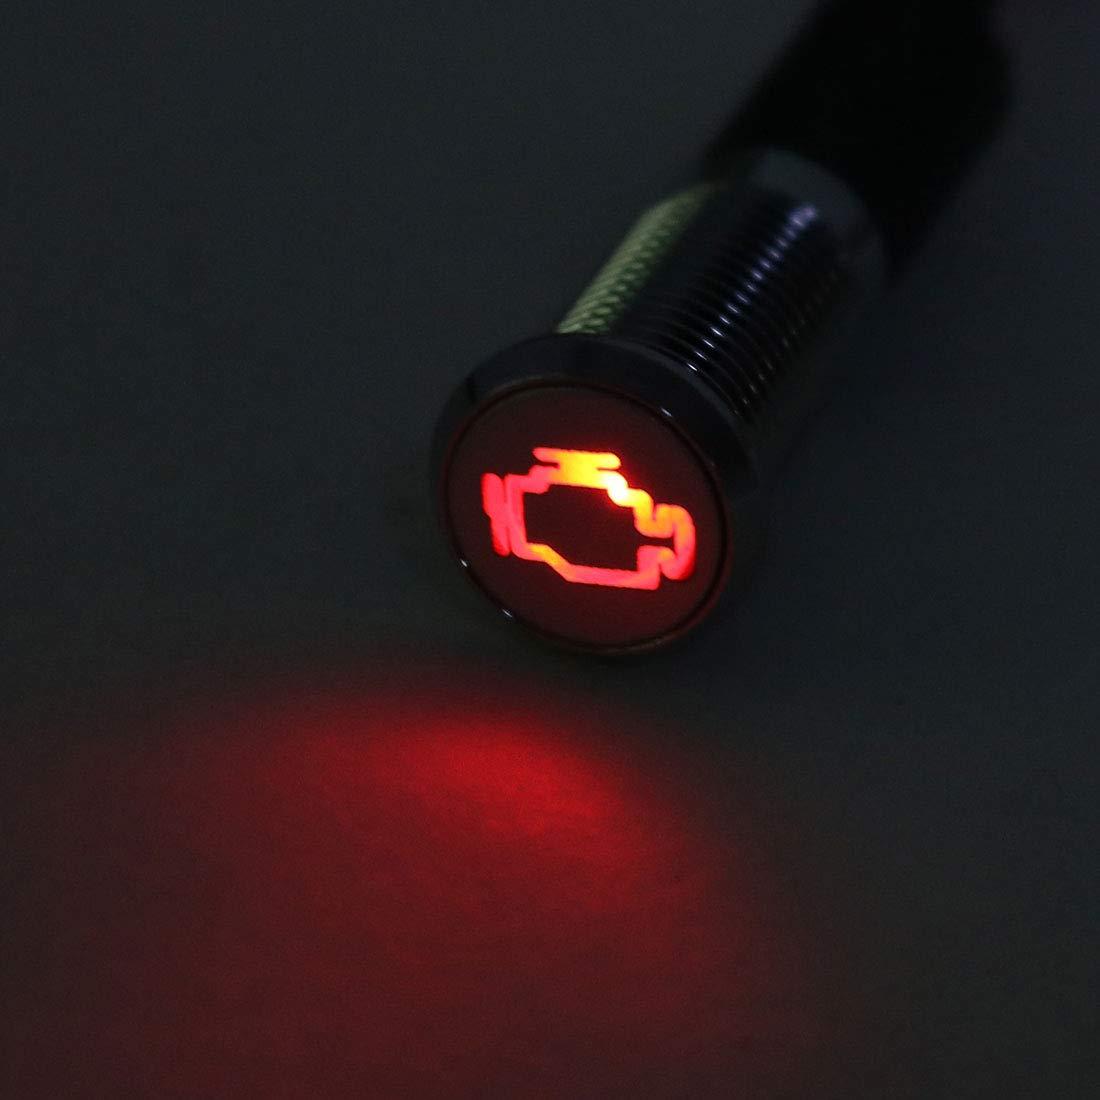 sourcing map Se/ñal Indicador Luz DC 12V 8mm LED Rojo Met/álica Carcasa con S/ímbolo Fallo Motor